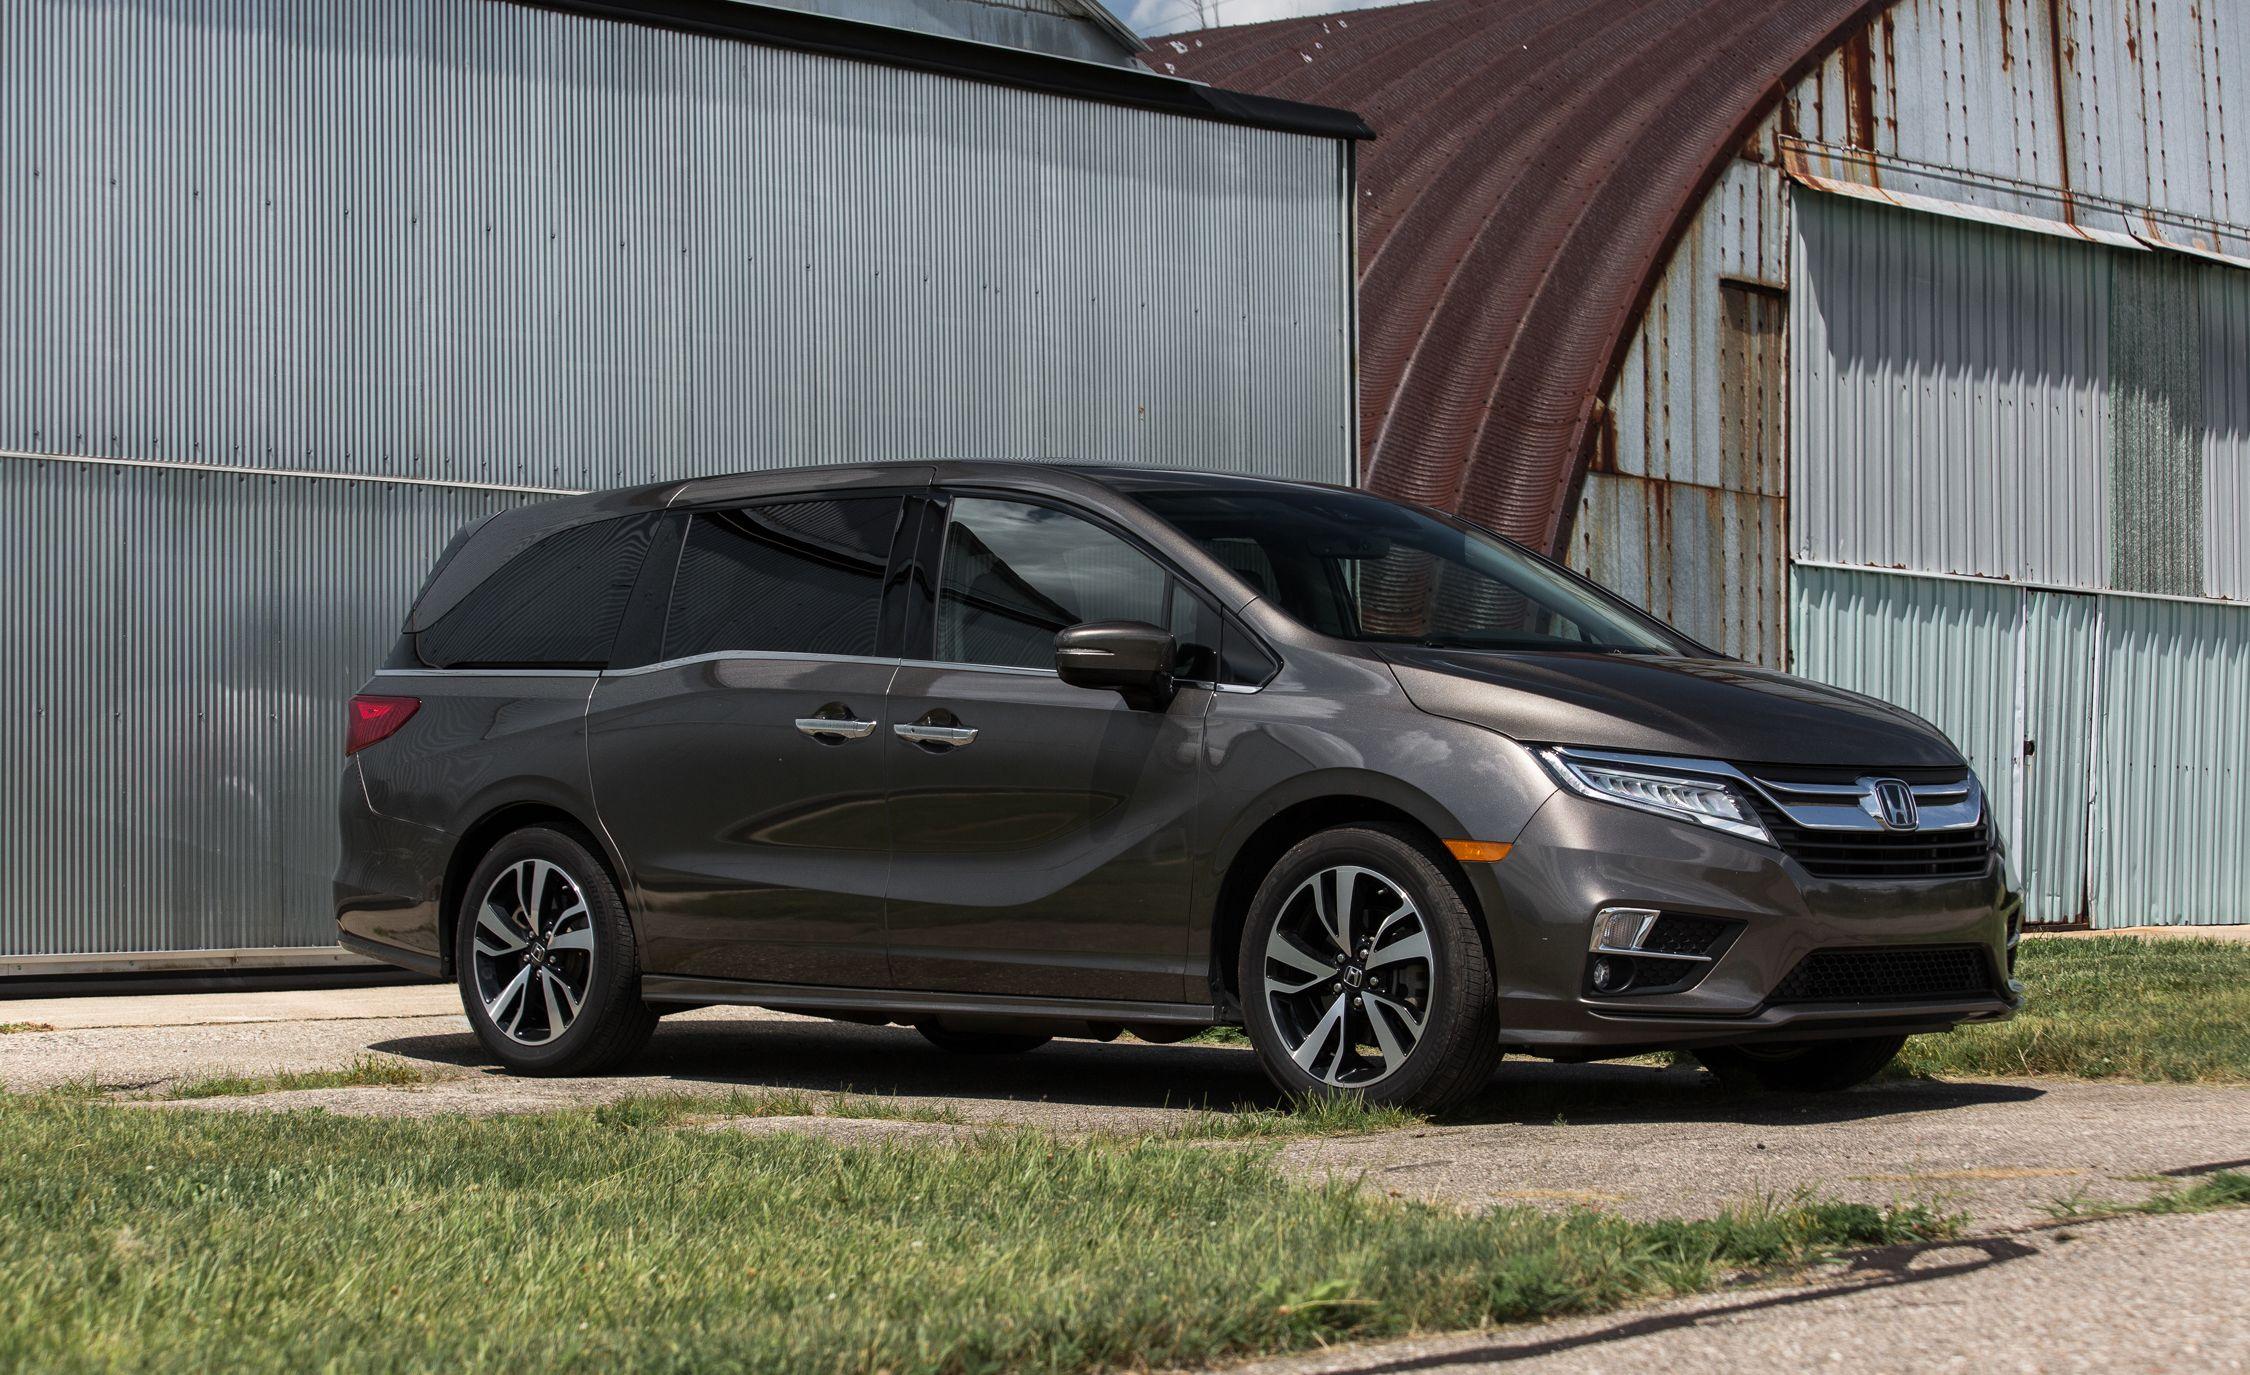 cd2c1cb0f7 5 Best New Minivans of 2019 – Every New Minivan